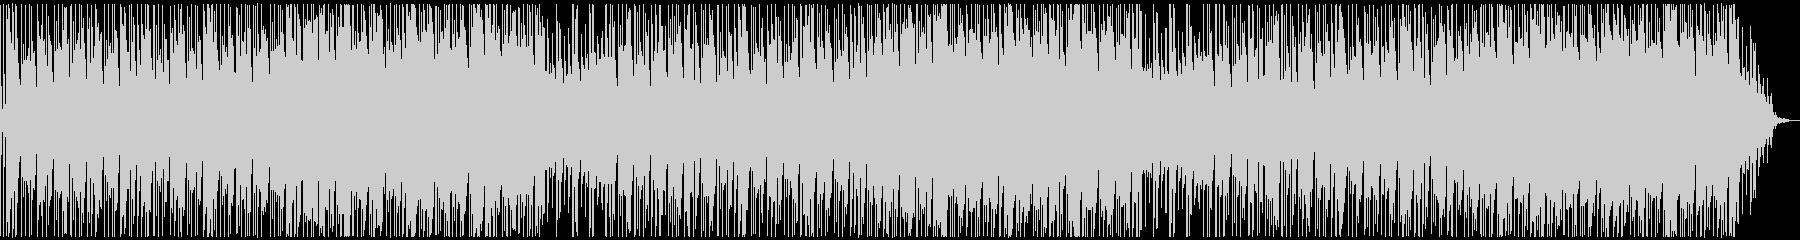 定番曲「スタイリッシュ」Bの未再生の波形